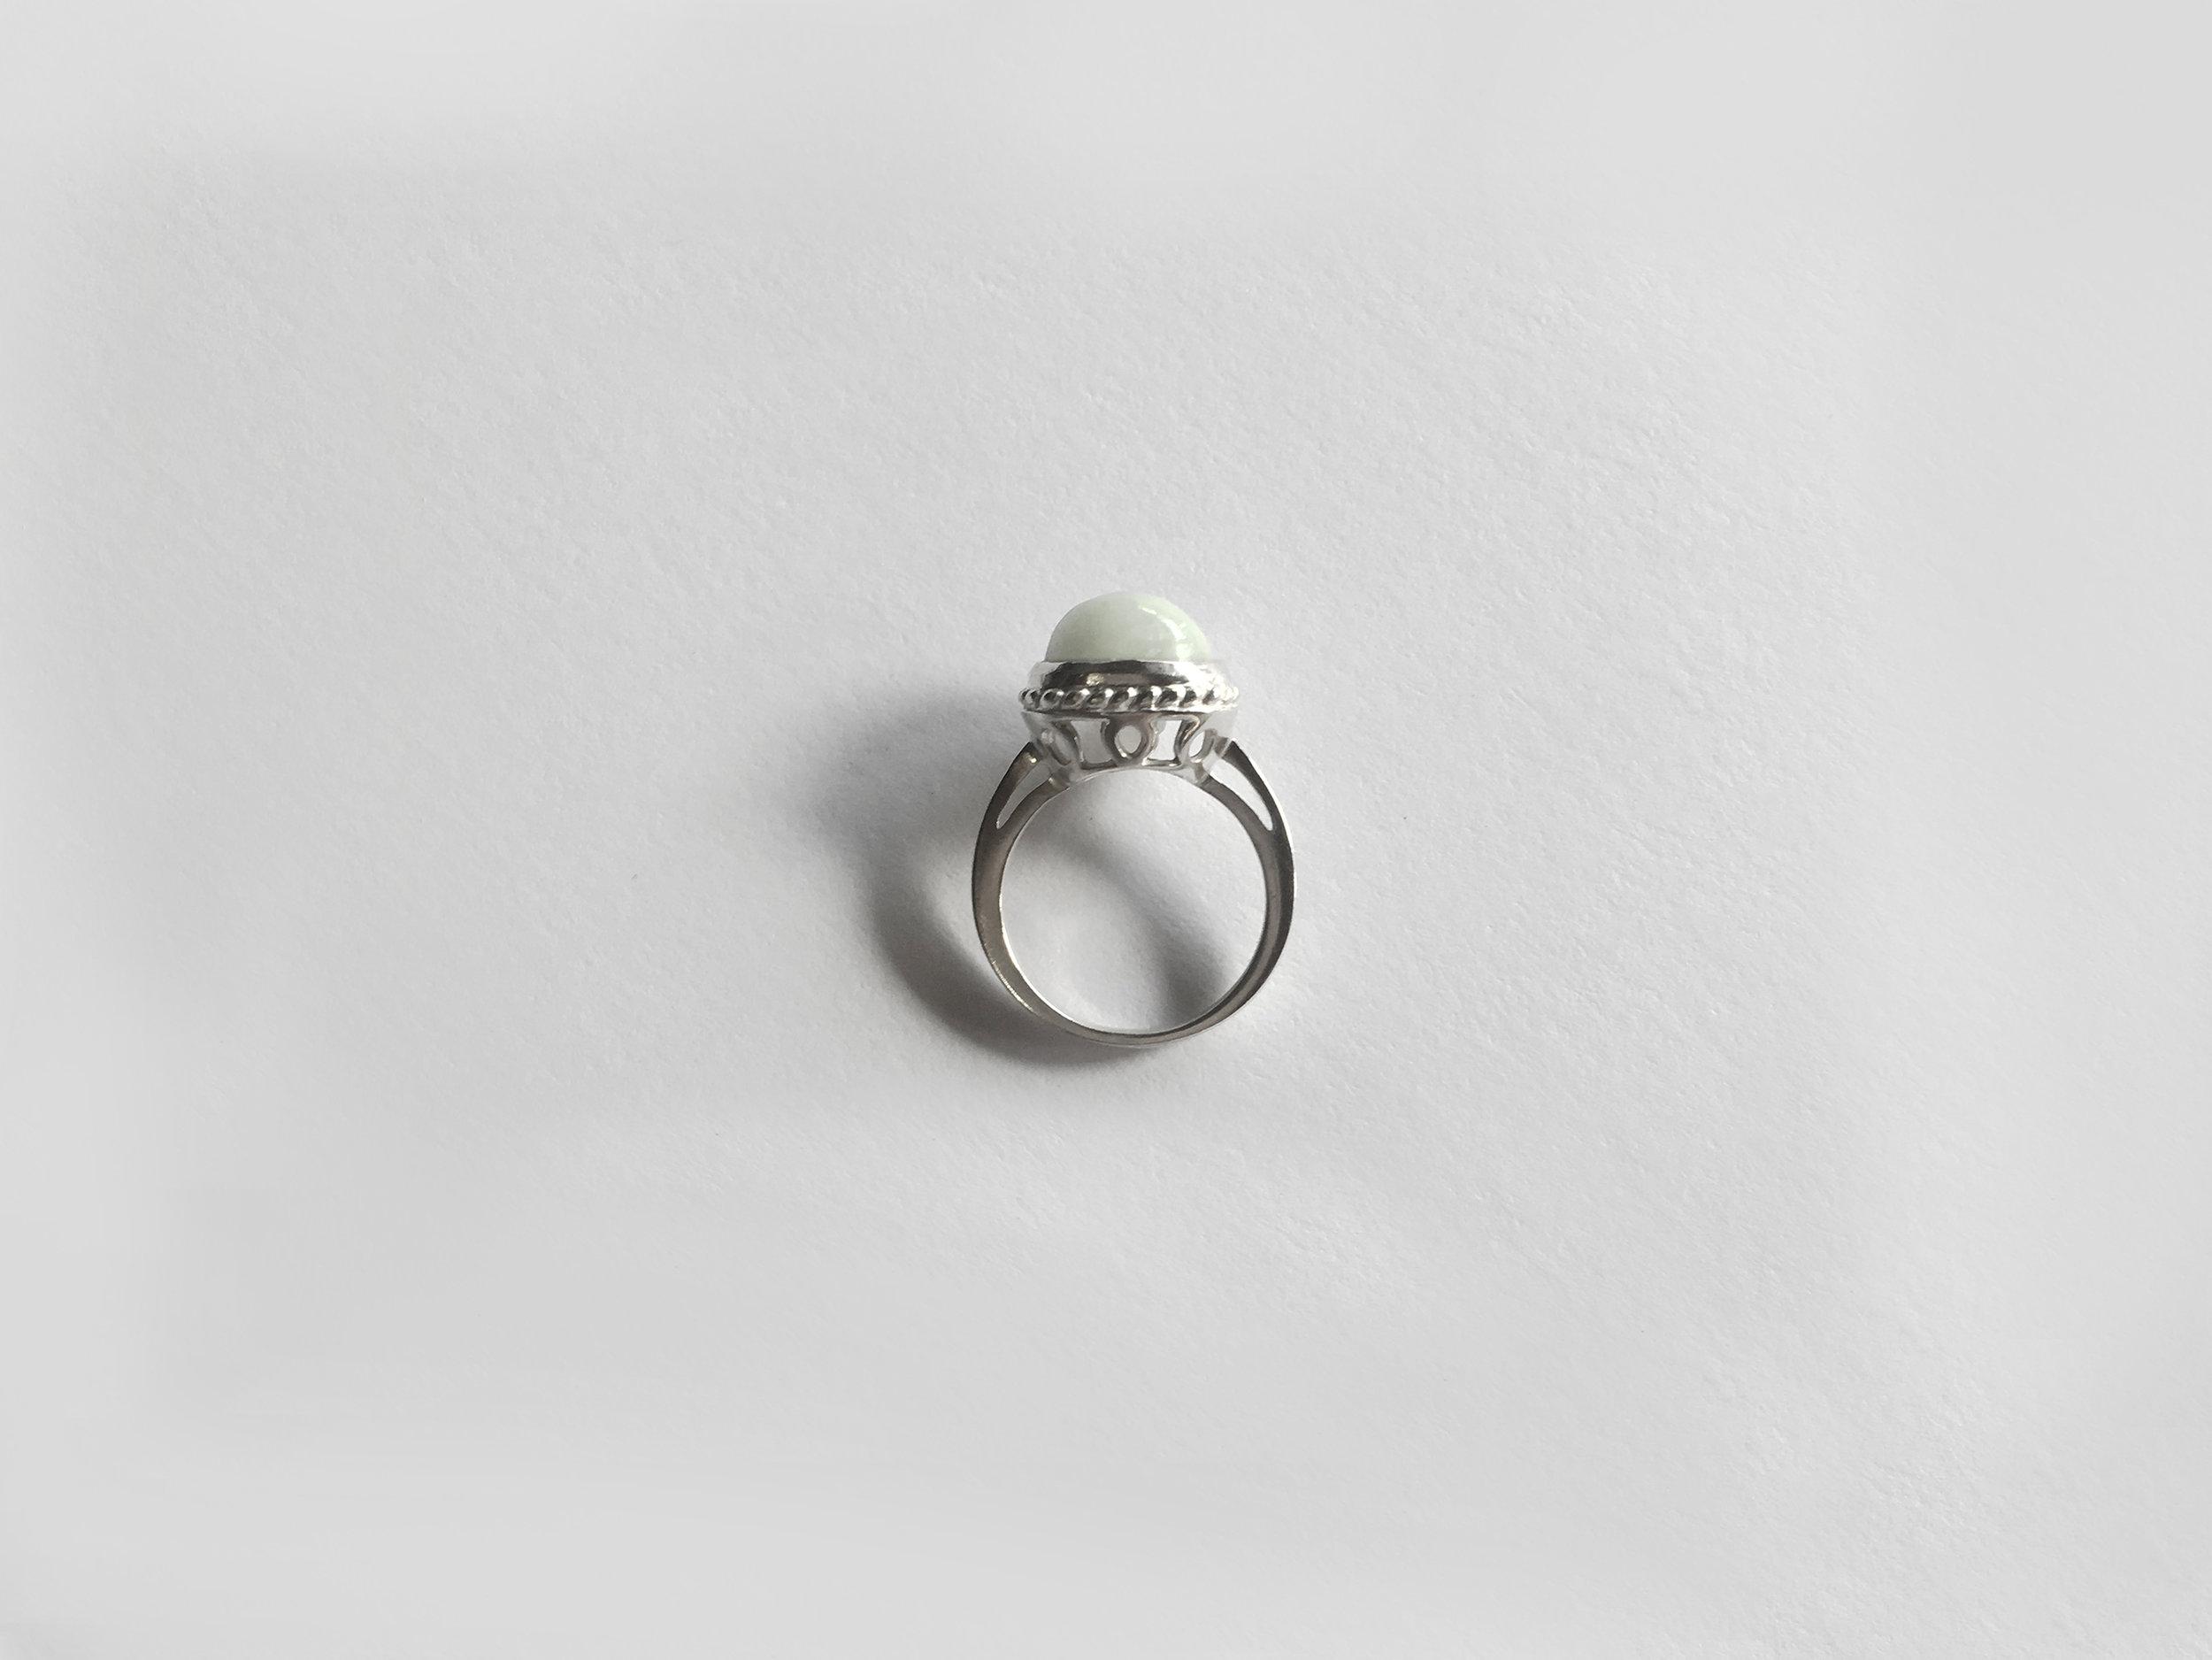 jada ring website3.jpg